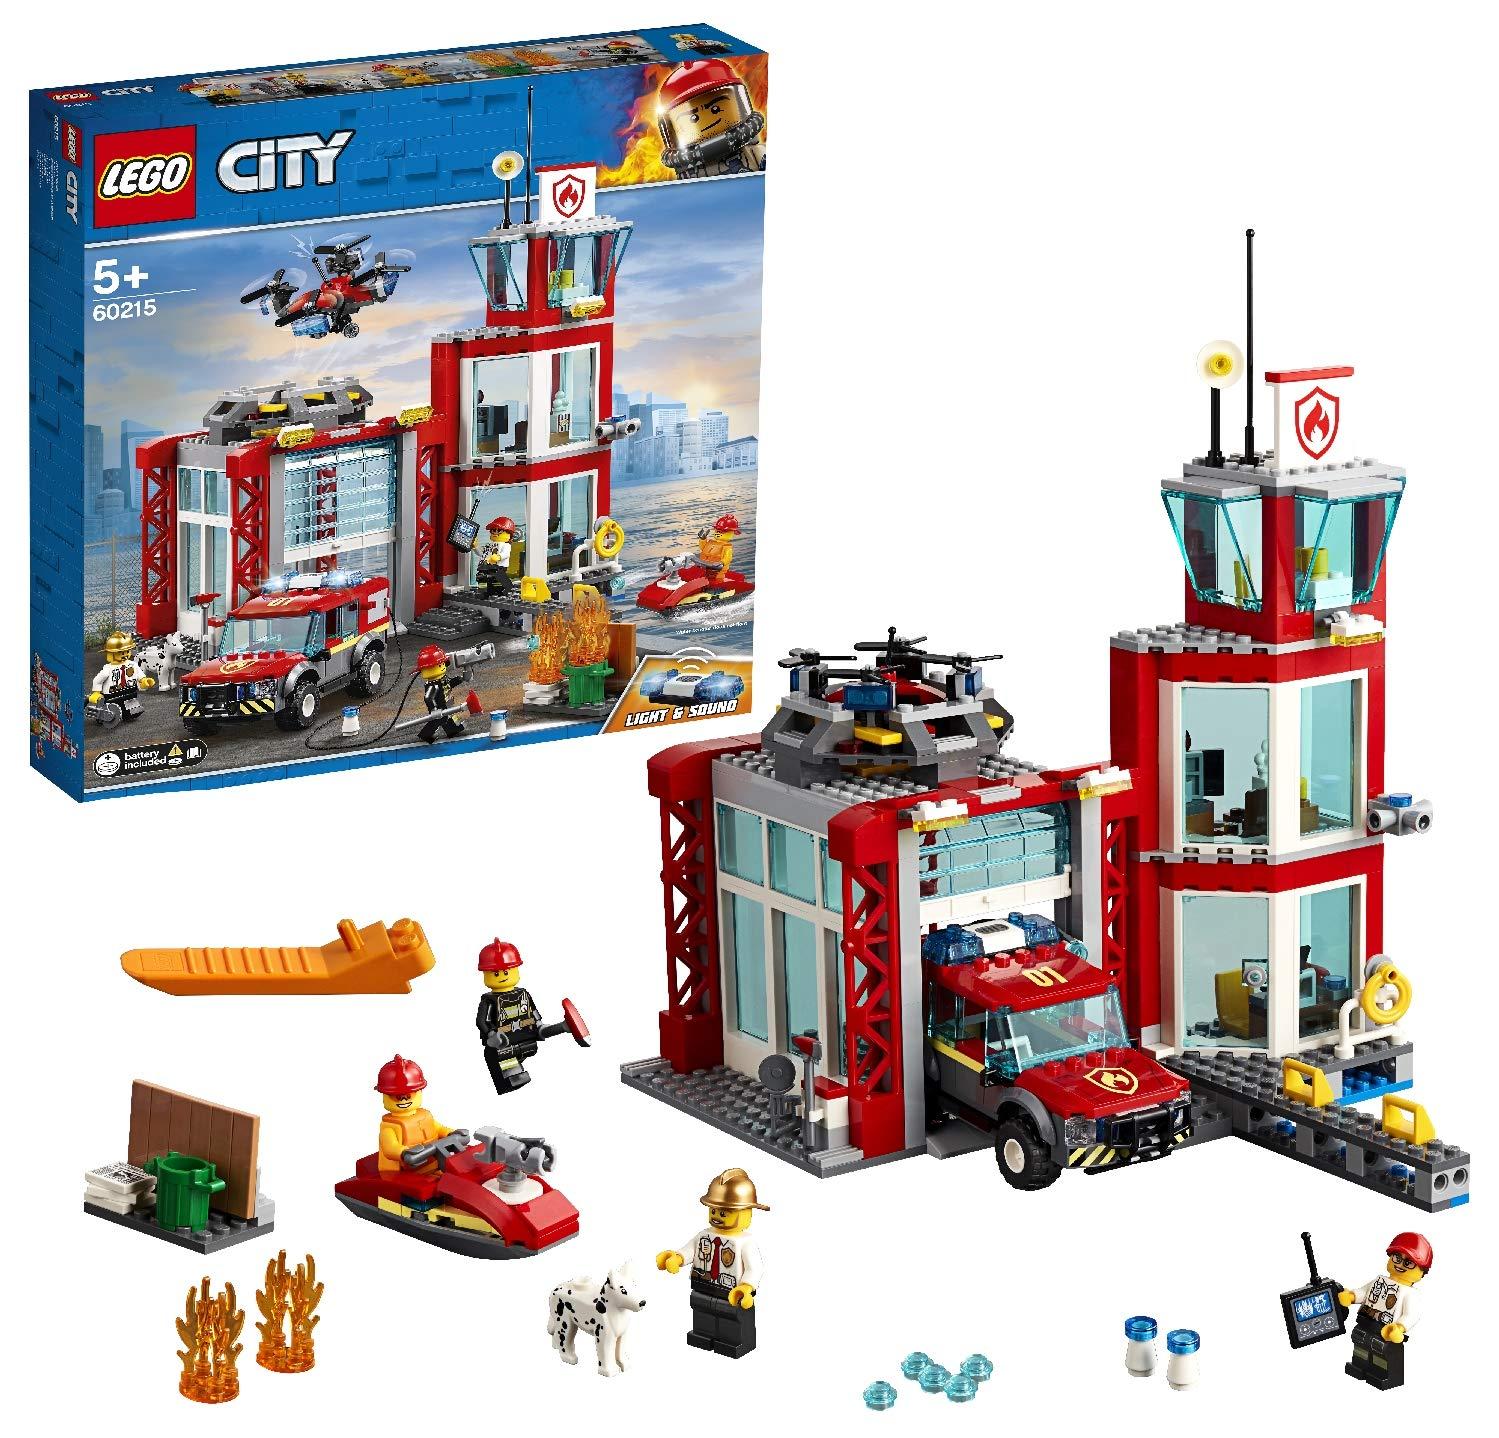 LEGO City Fire – Parque de Bomberos, estación de juguete para construir, incluye camión, moto acuática y dron (60215)